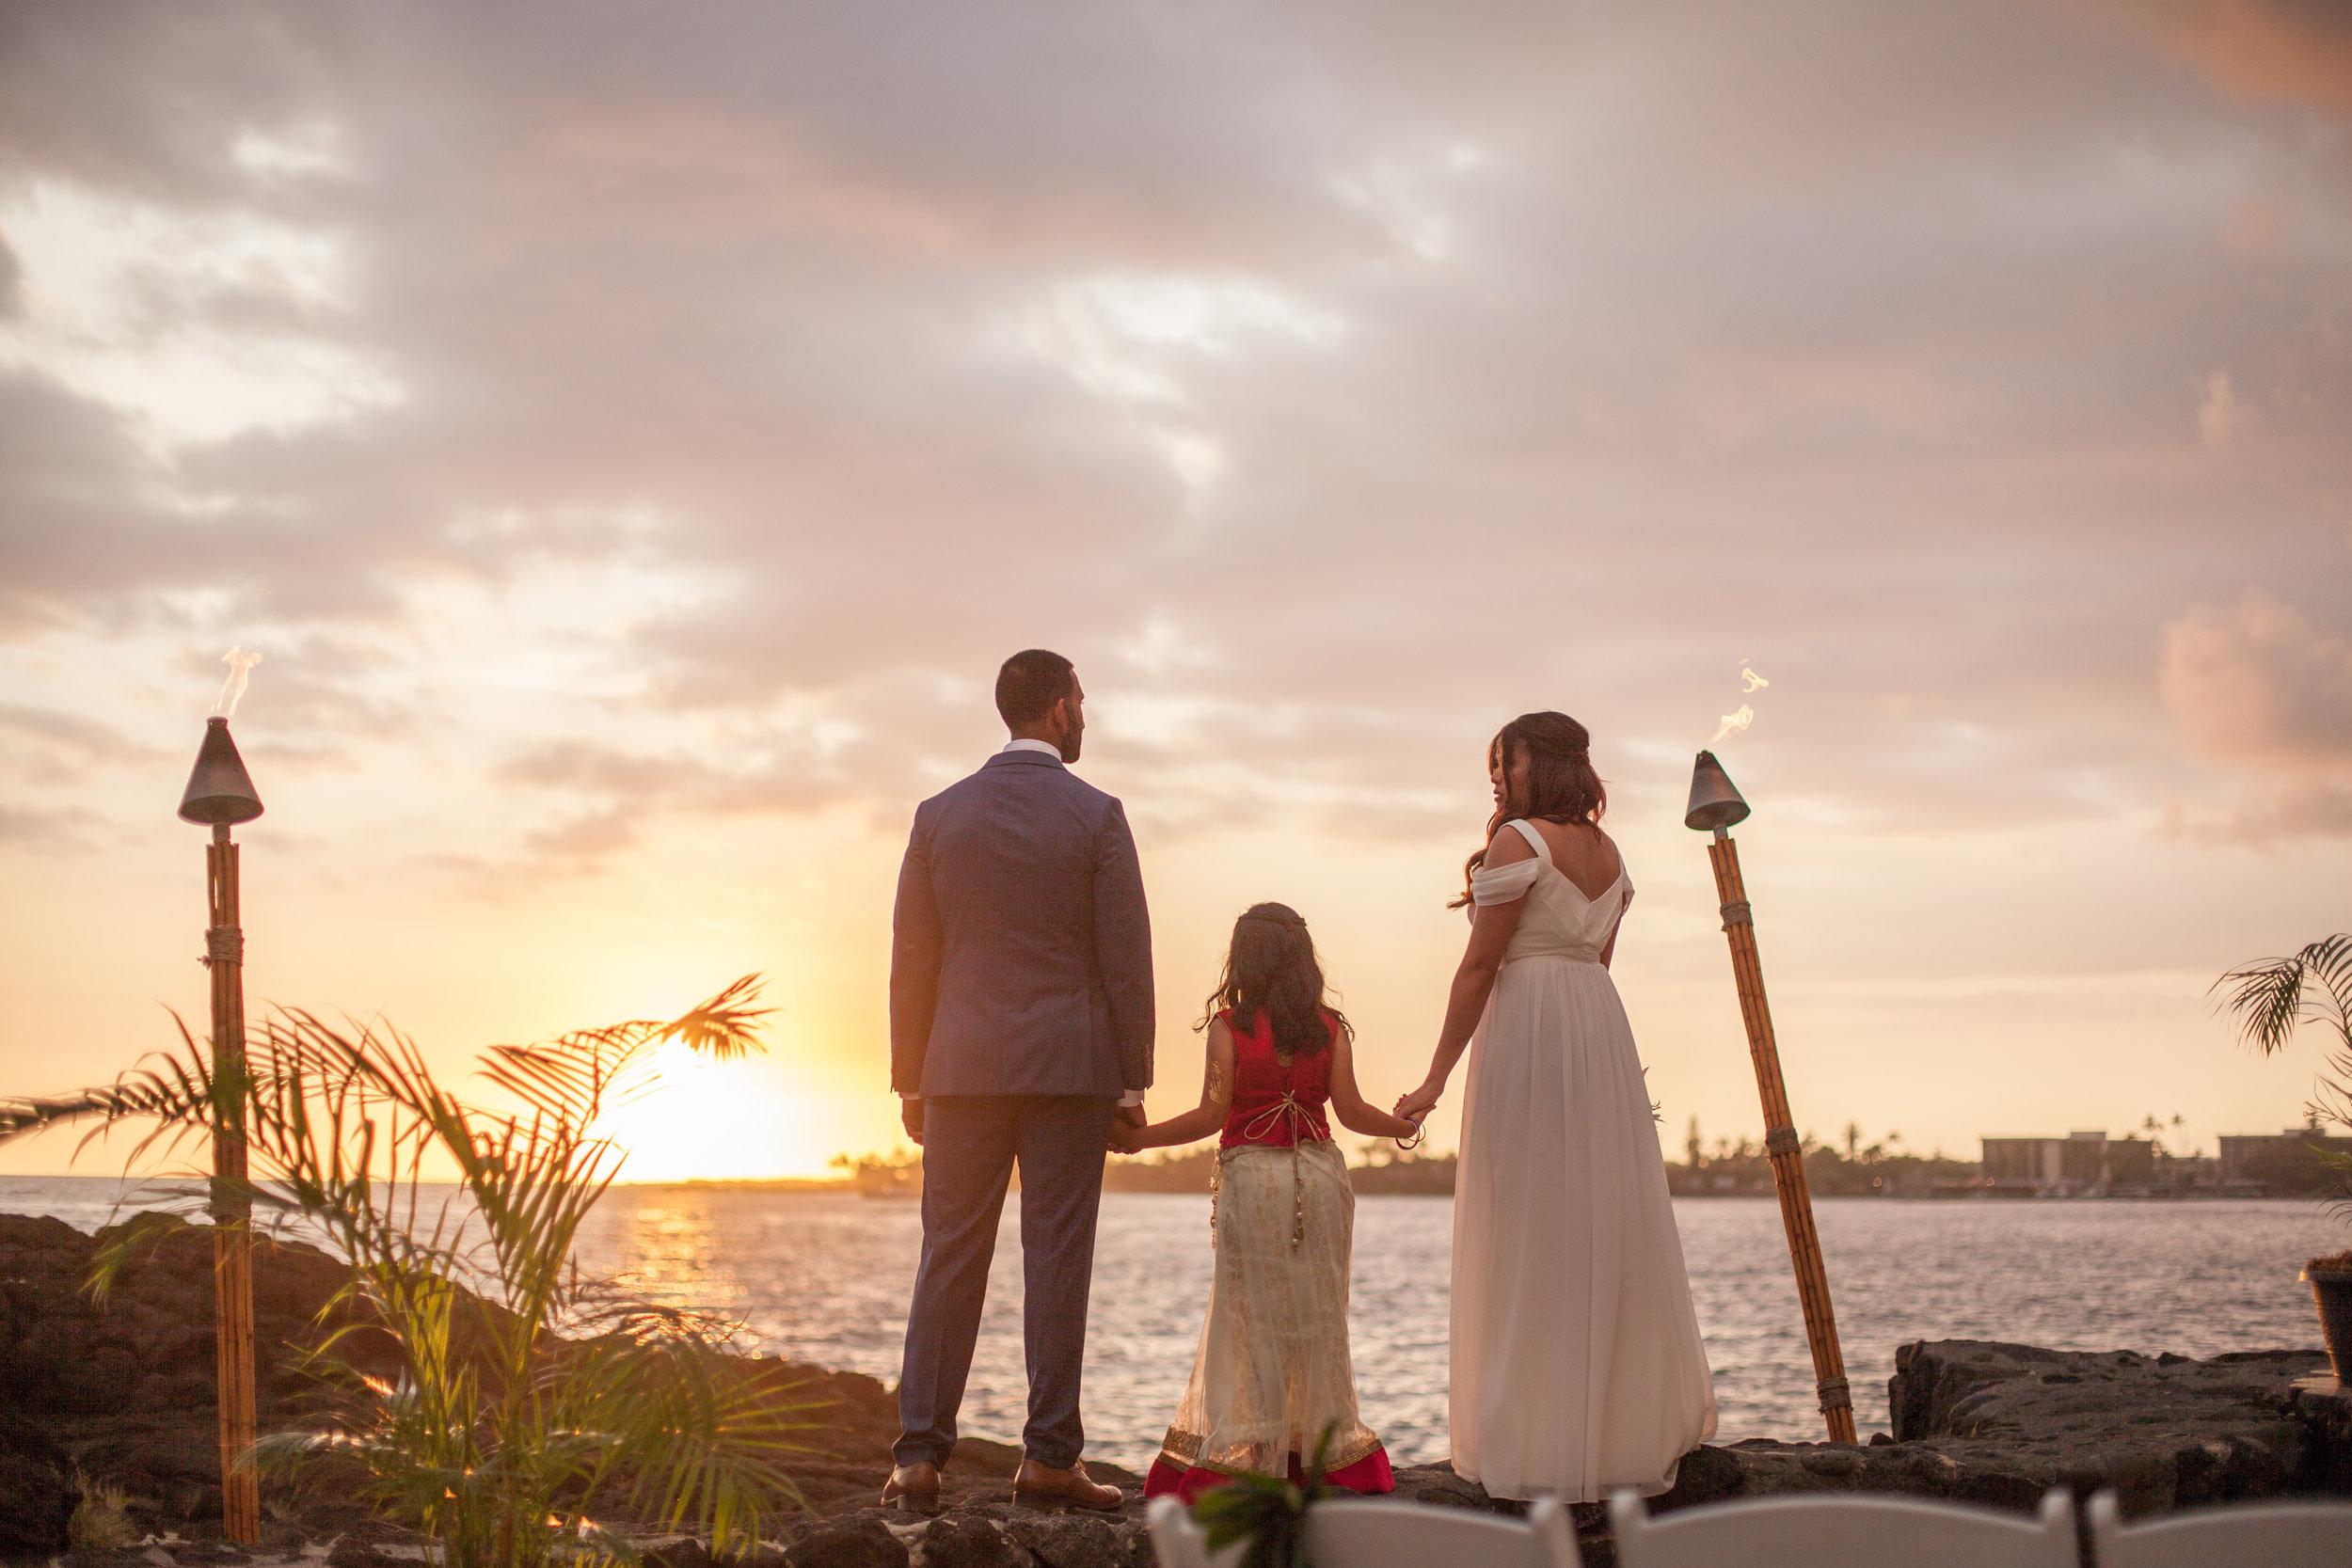 big island hawaii royal kona resort beach wedding © kelilina photography 20170615185155.jpg